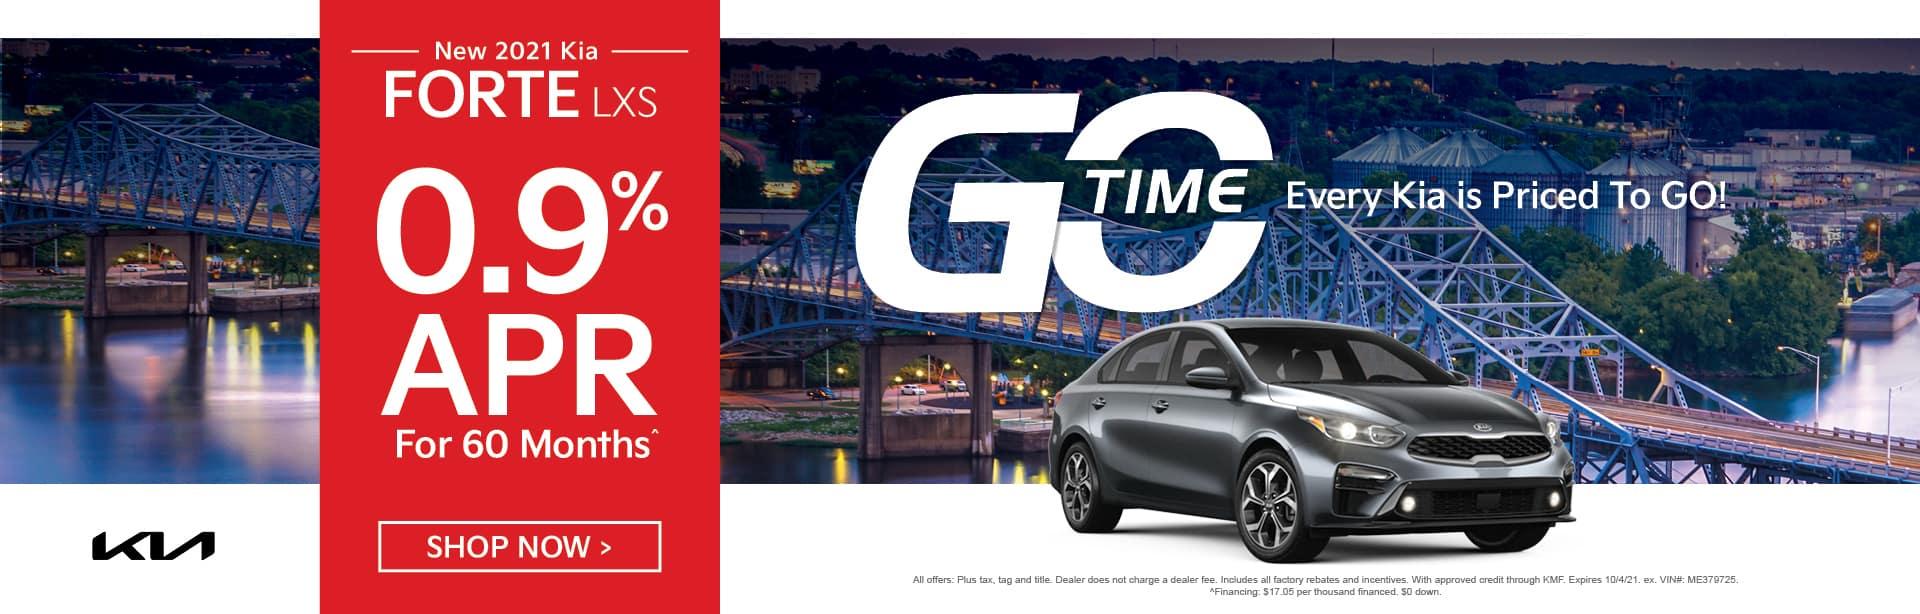 GWK-1831250 Go Time Web Assets Sept 2021 FORTE-1920×614